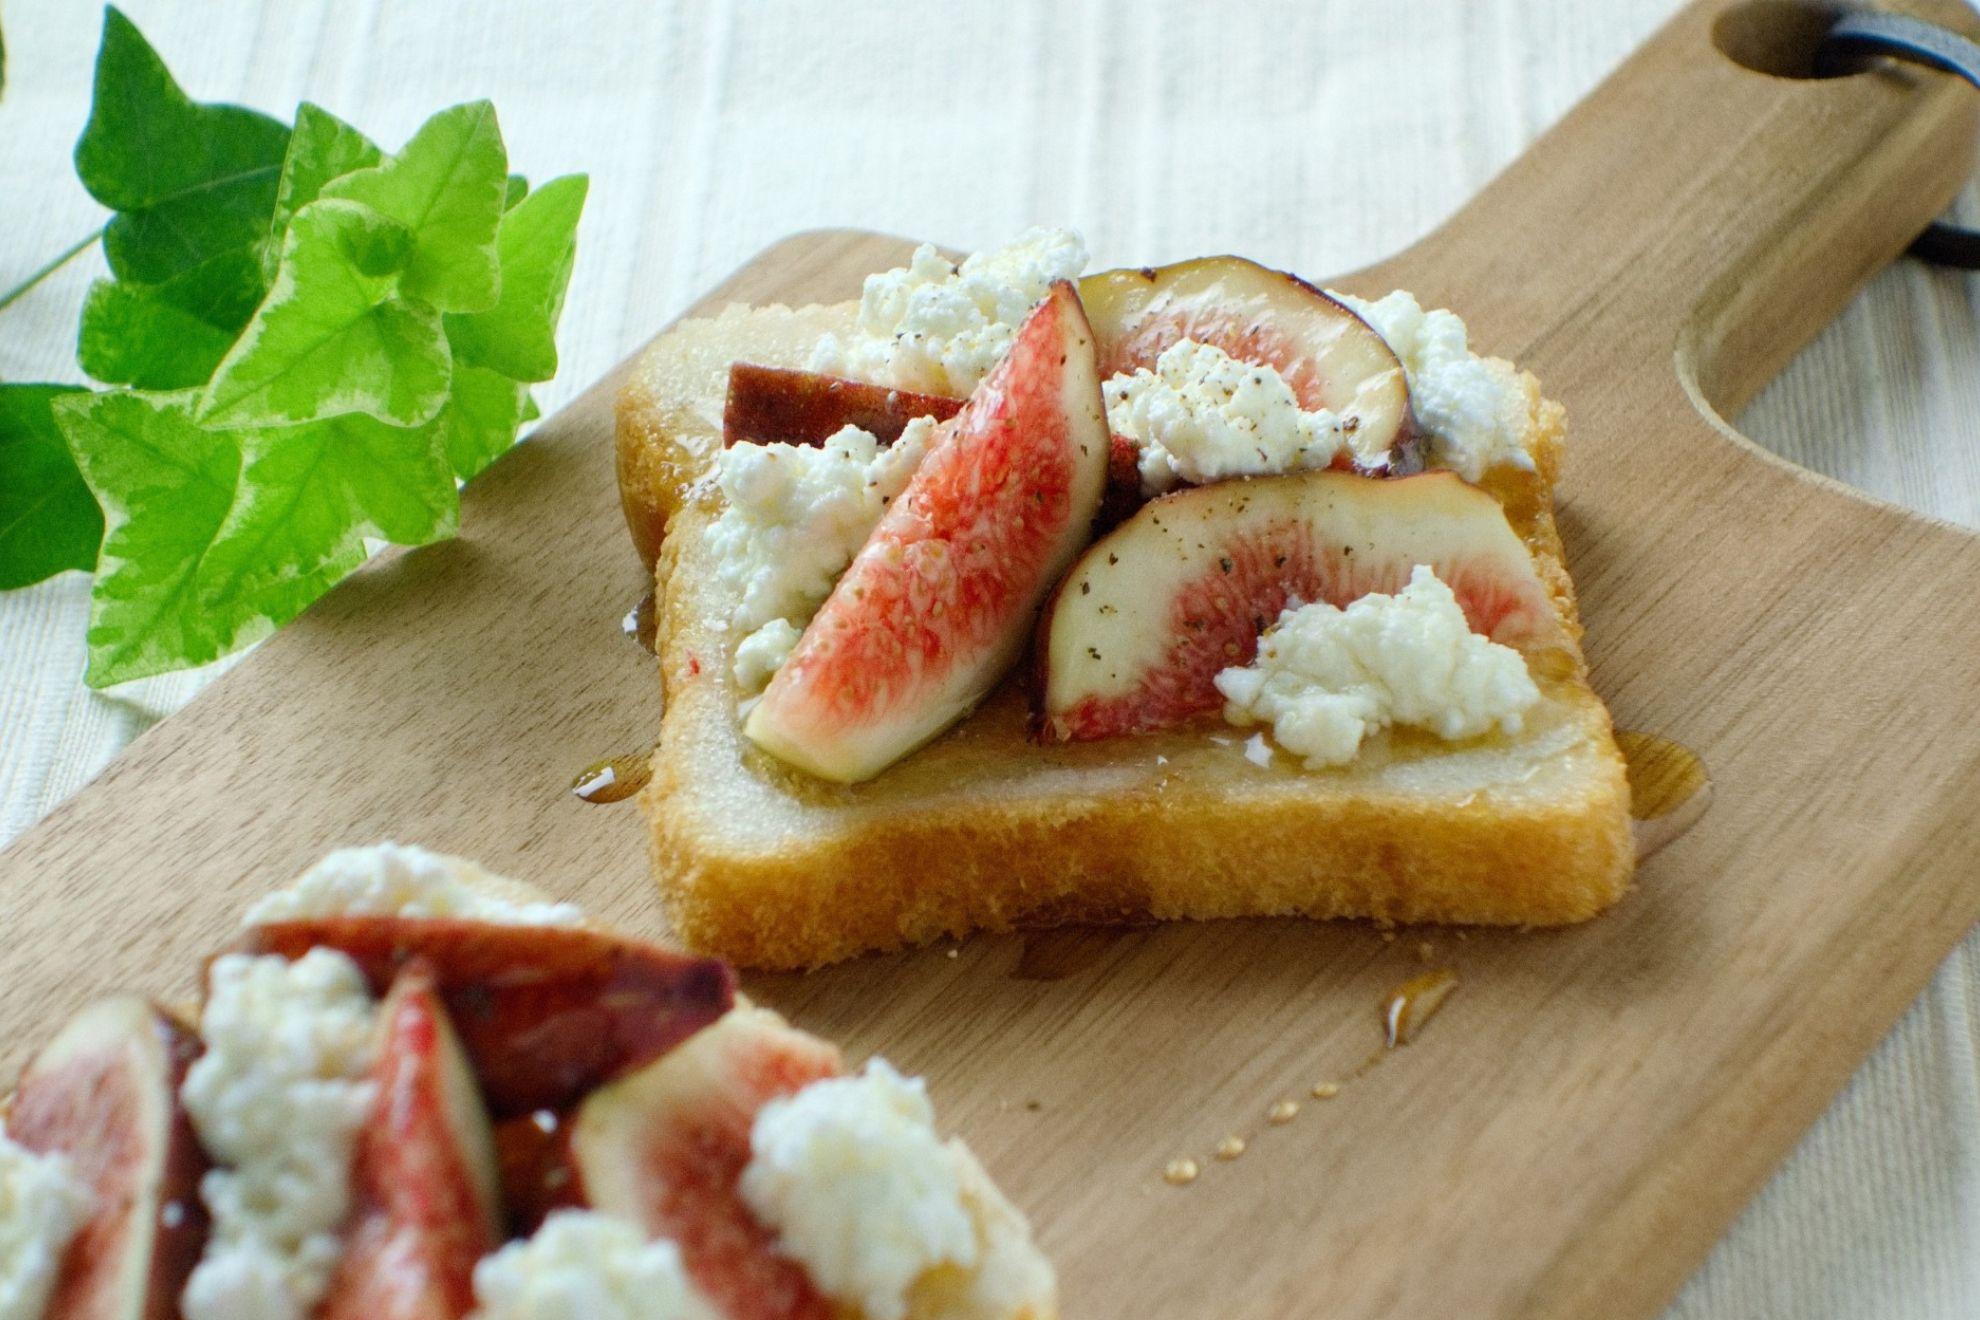 旬のフルーツで『いちじくとカッテージチーズのオープンサンド』